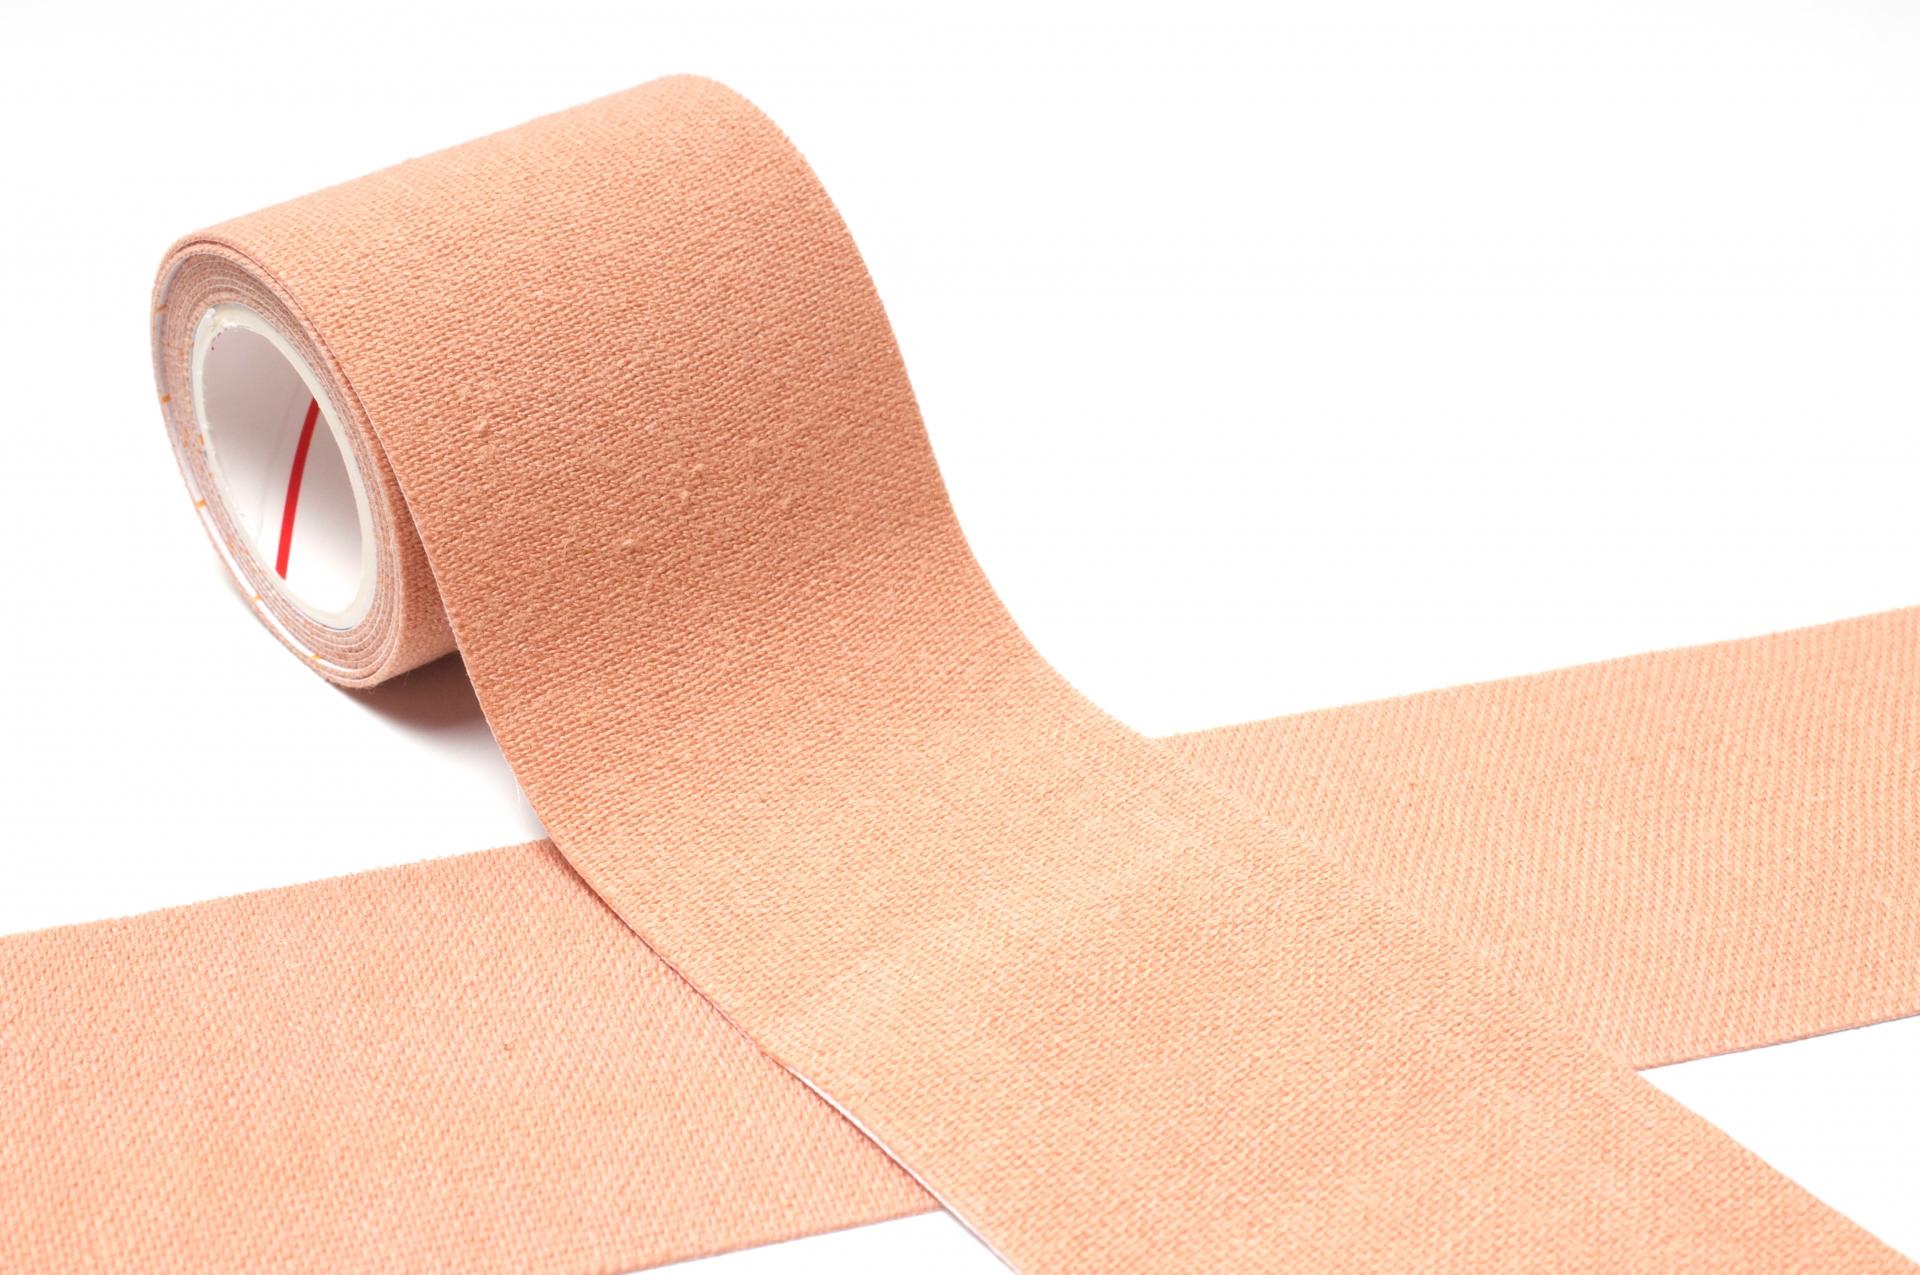 テーピングテープのおすすめ5選&選び方【怪我の予防に】